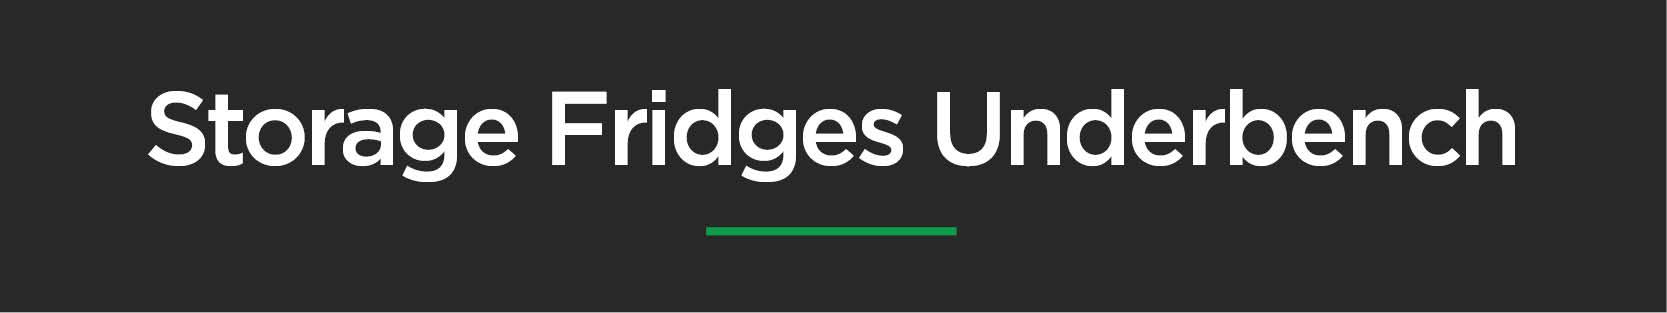 Storage Fridges - Underbench